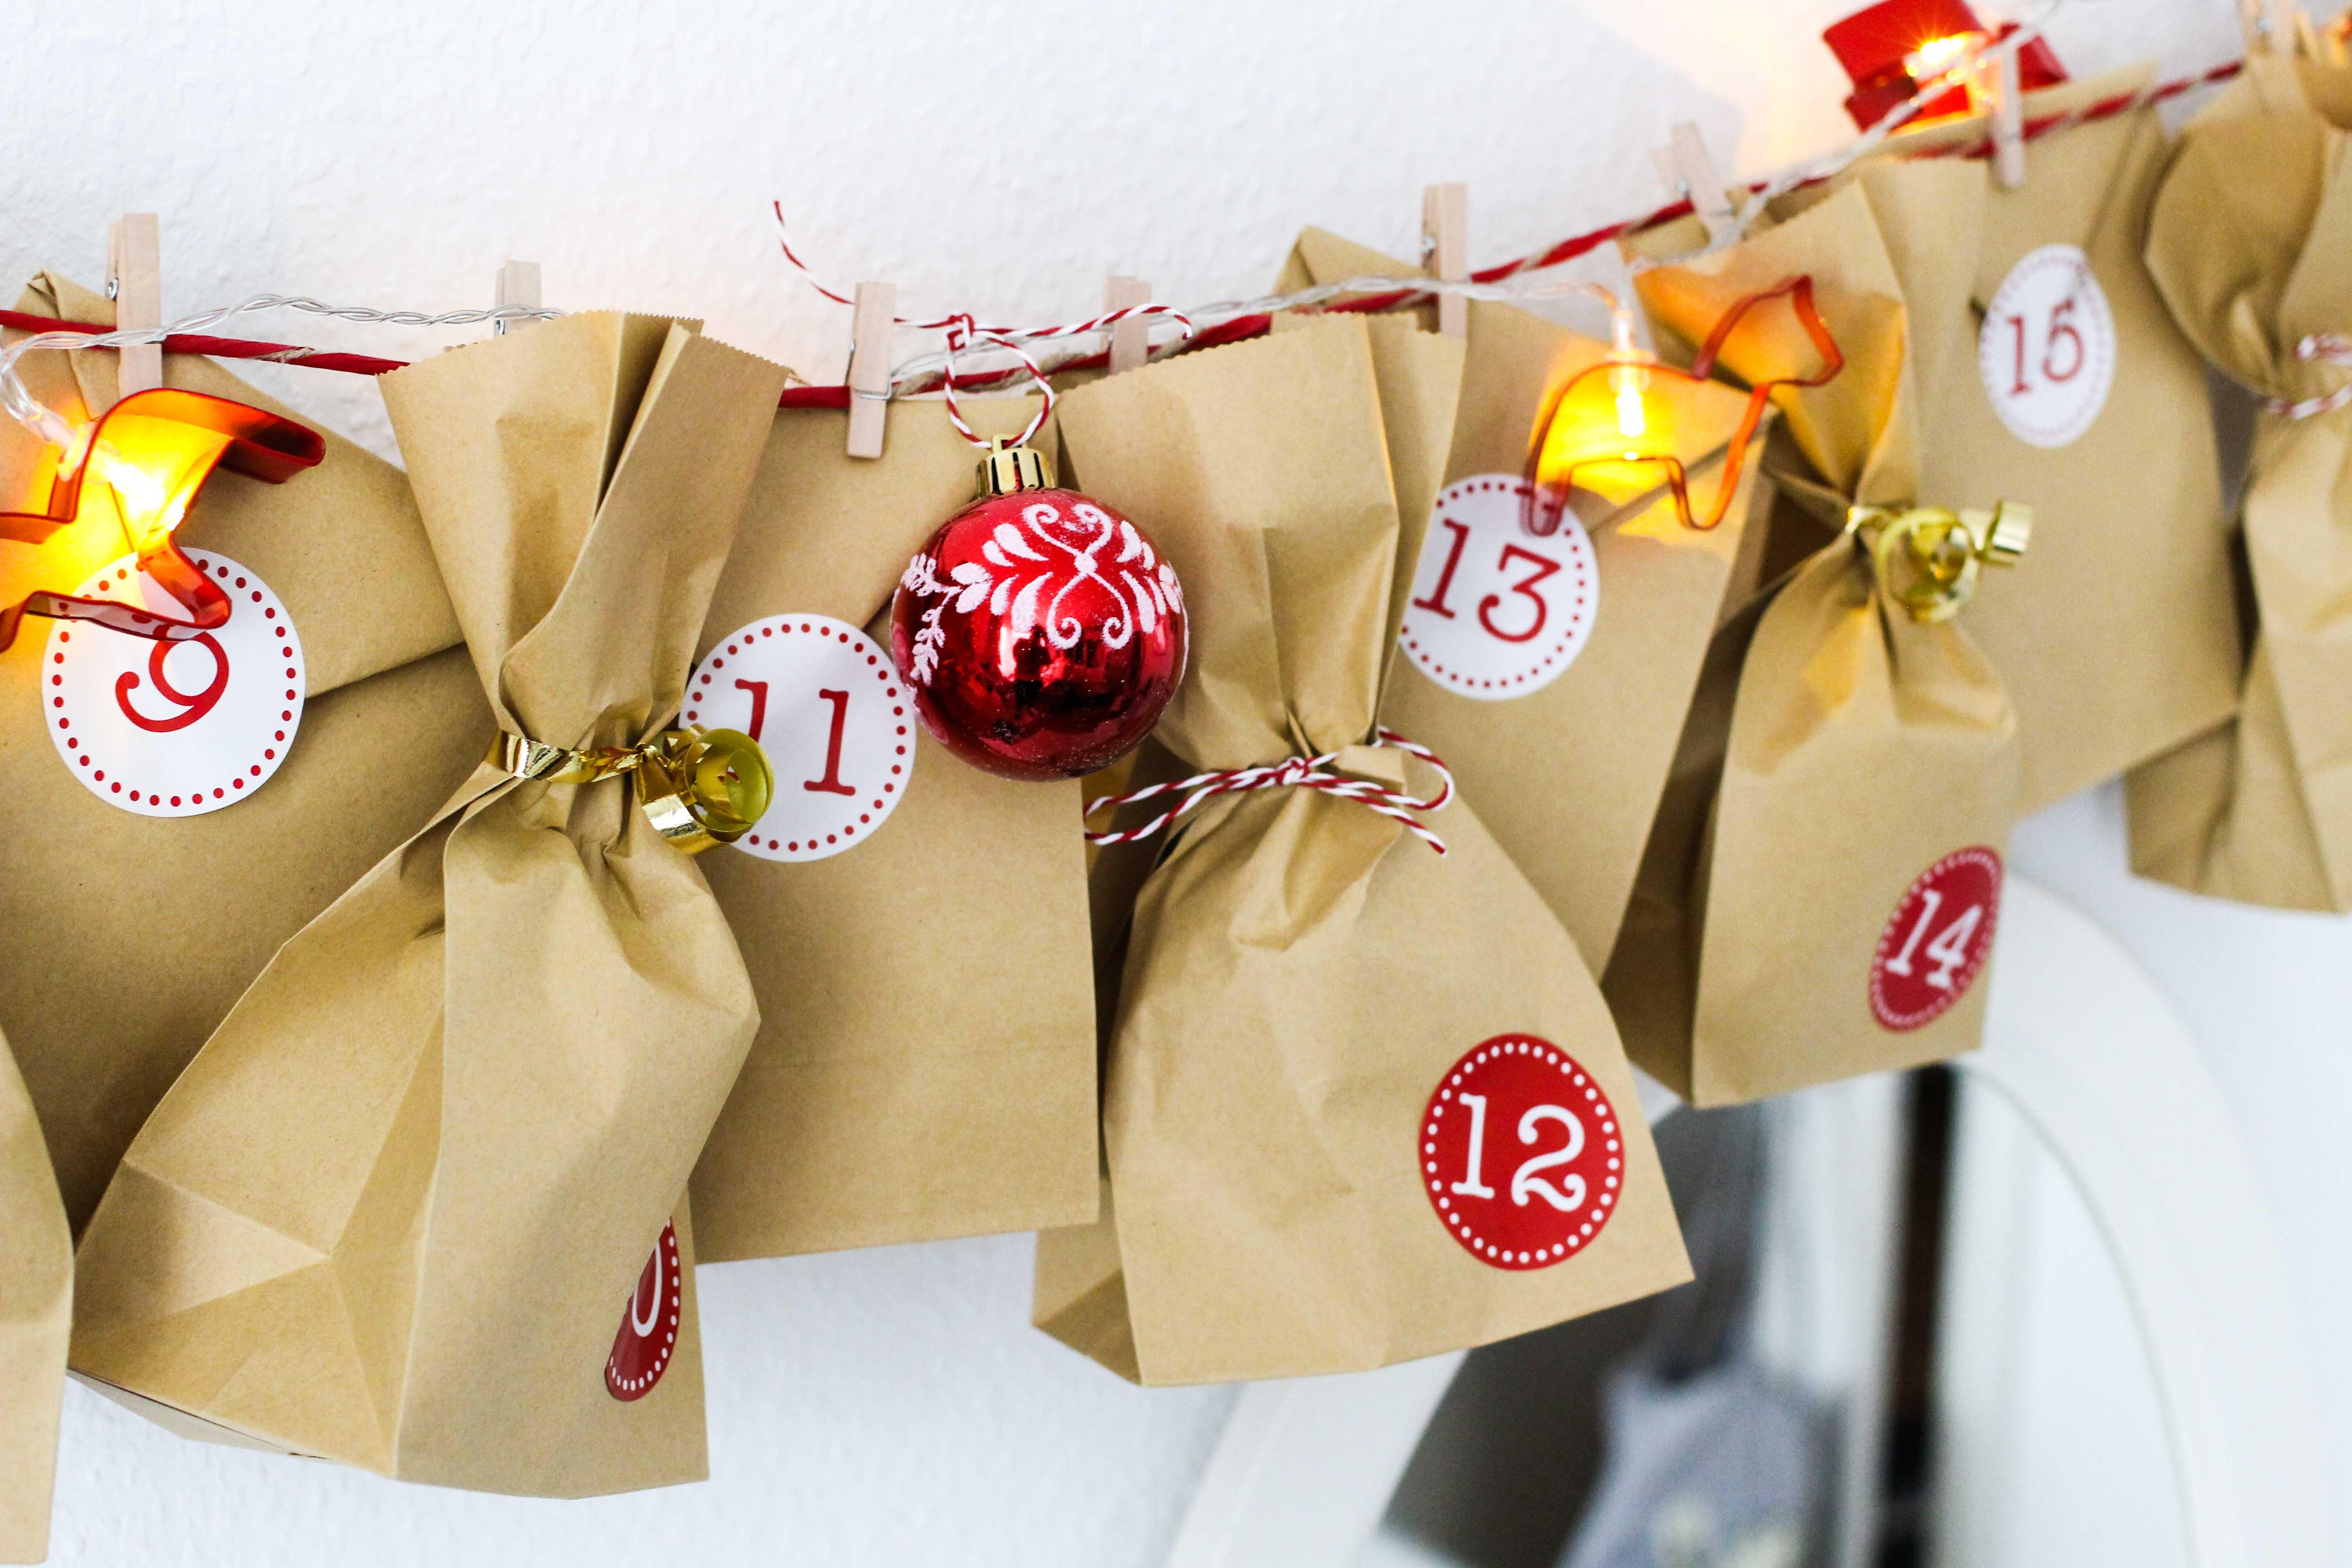 Adventskalender DIY Adventskalender selber machen Geschenke kreativ einpacken Weihnachten Blog 3